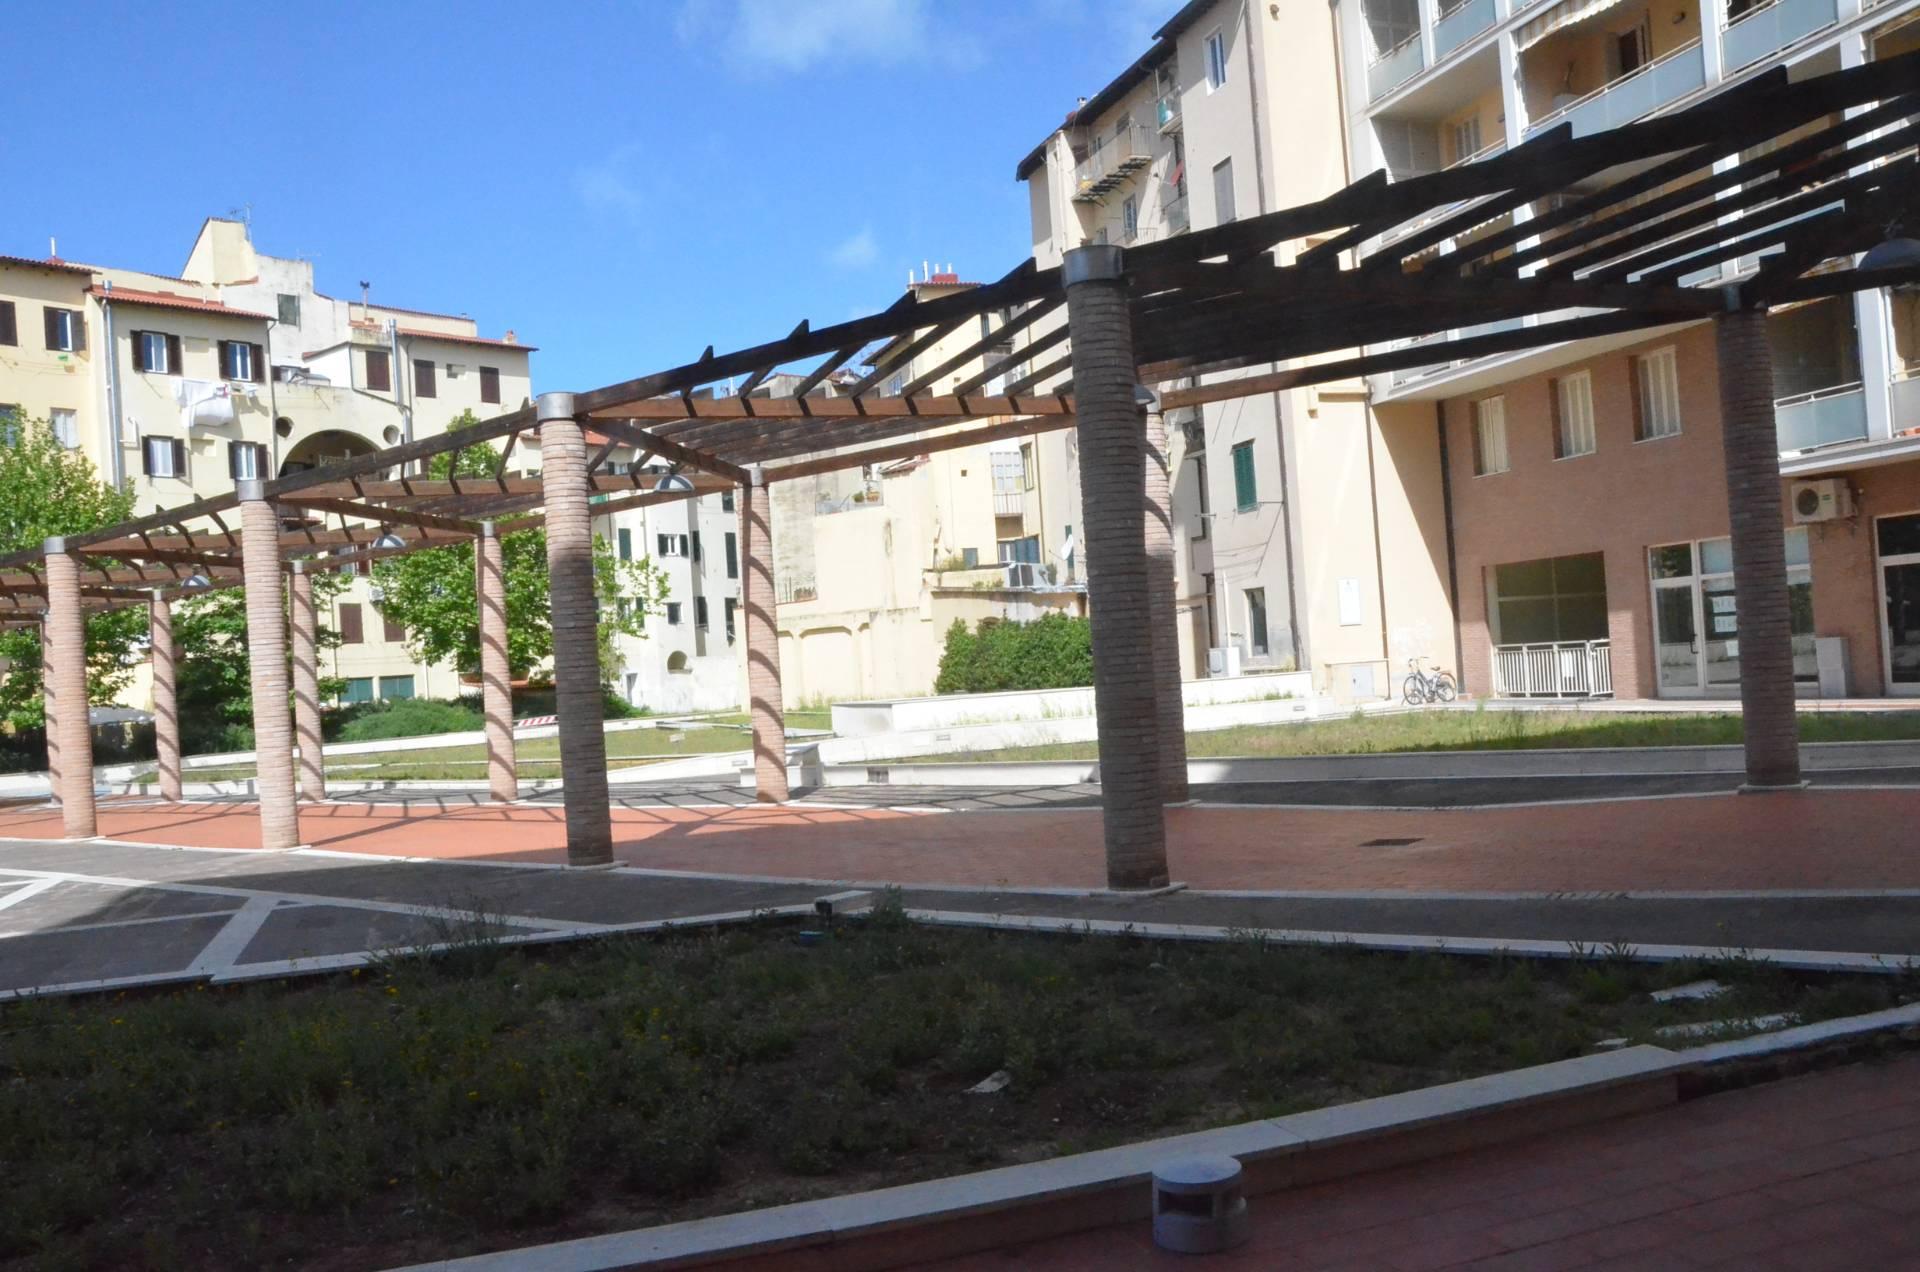 Ufficio / Studio in affitto a Livorno, 9999 locali, zona Zona: Centro, prezzo € 200.000 | Cambio Casa.it